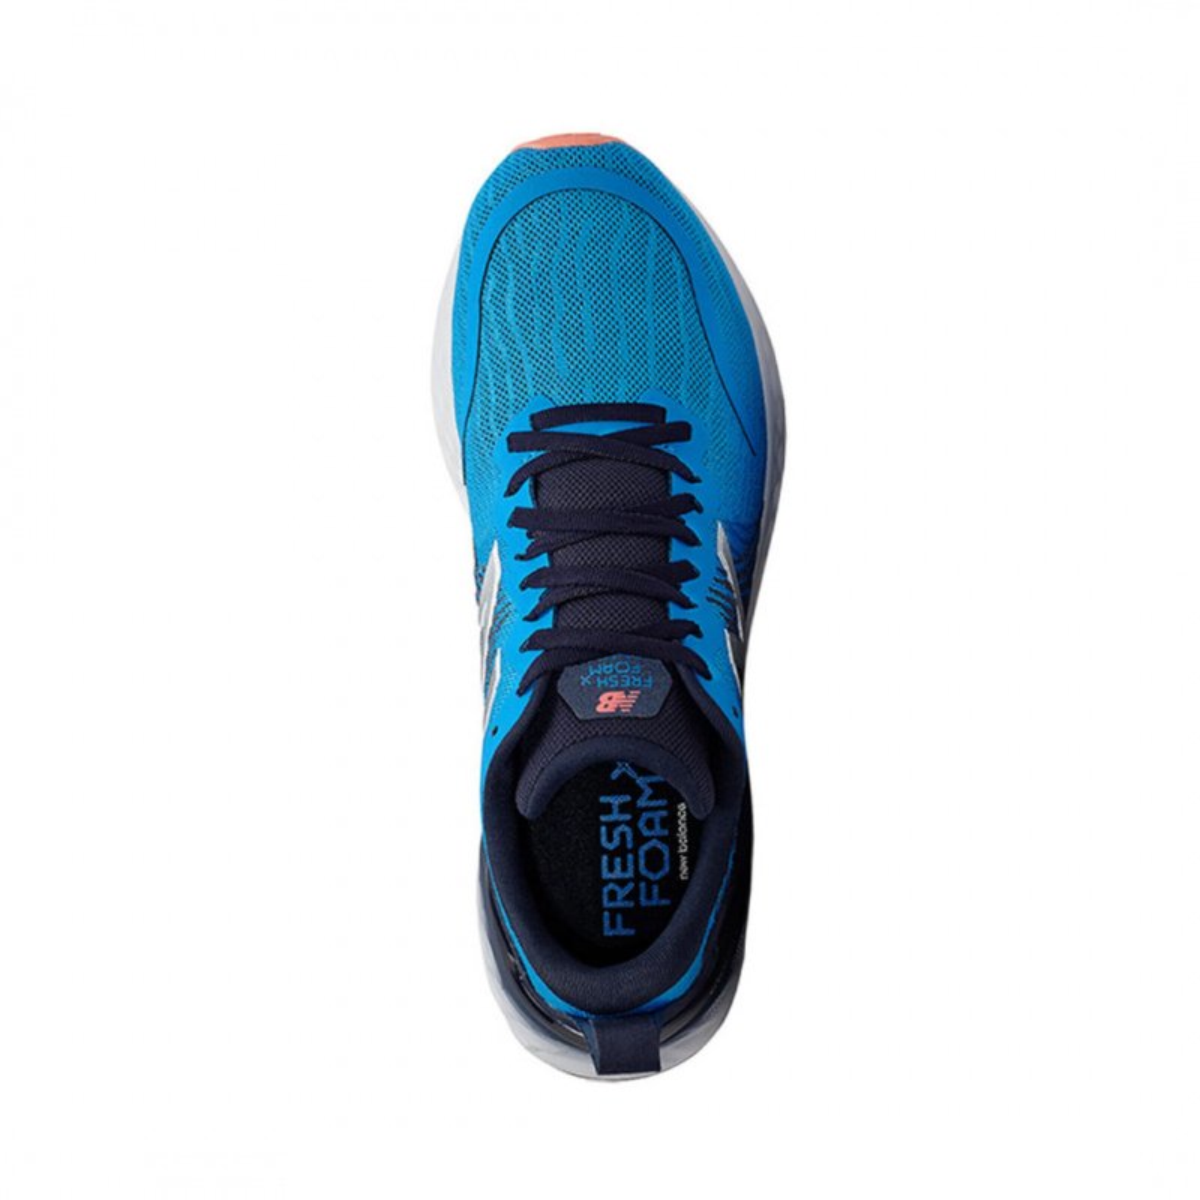 Zapatillas New Balance Fresh Foam Tempo v1 Azul PV20 Hombre